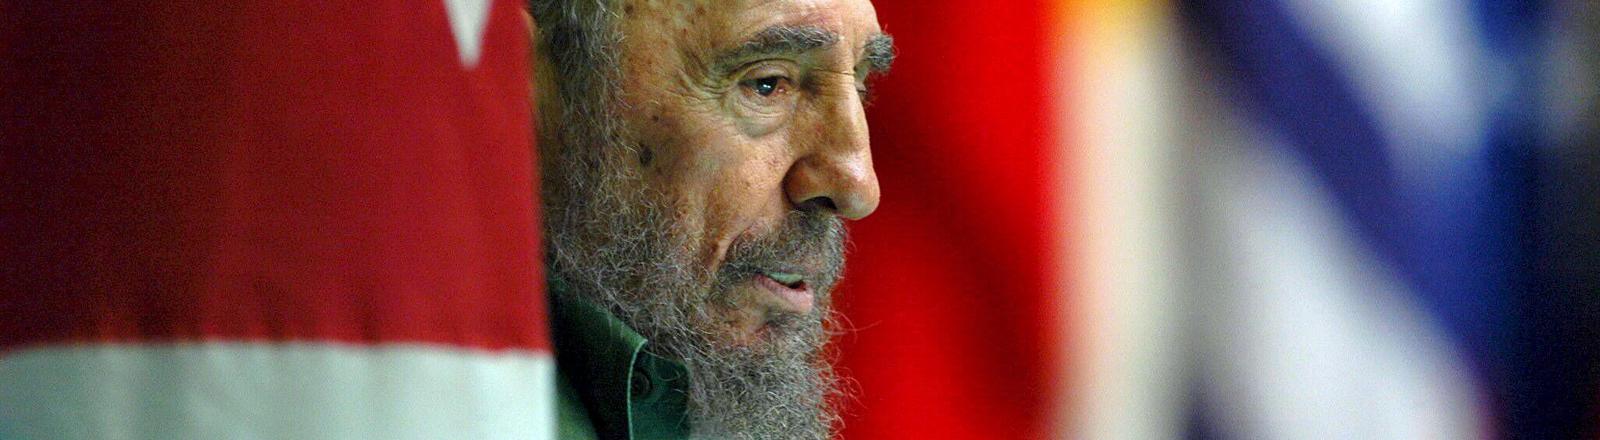 Kubas Ex-Präsident Fidel Castro am 09.06.2006 steht zwischen einigen Flaggen herum und guckt halt.